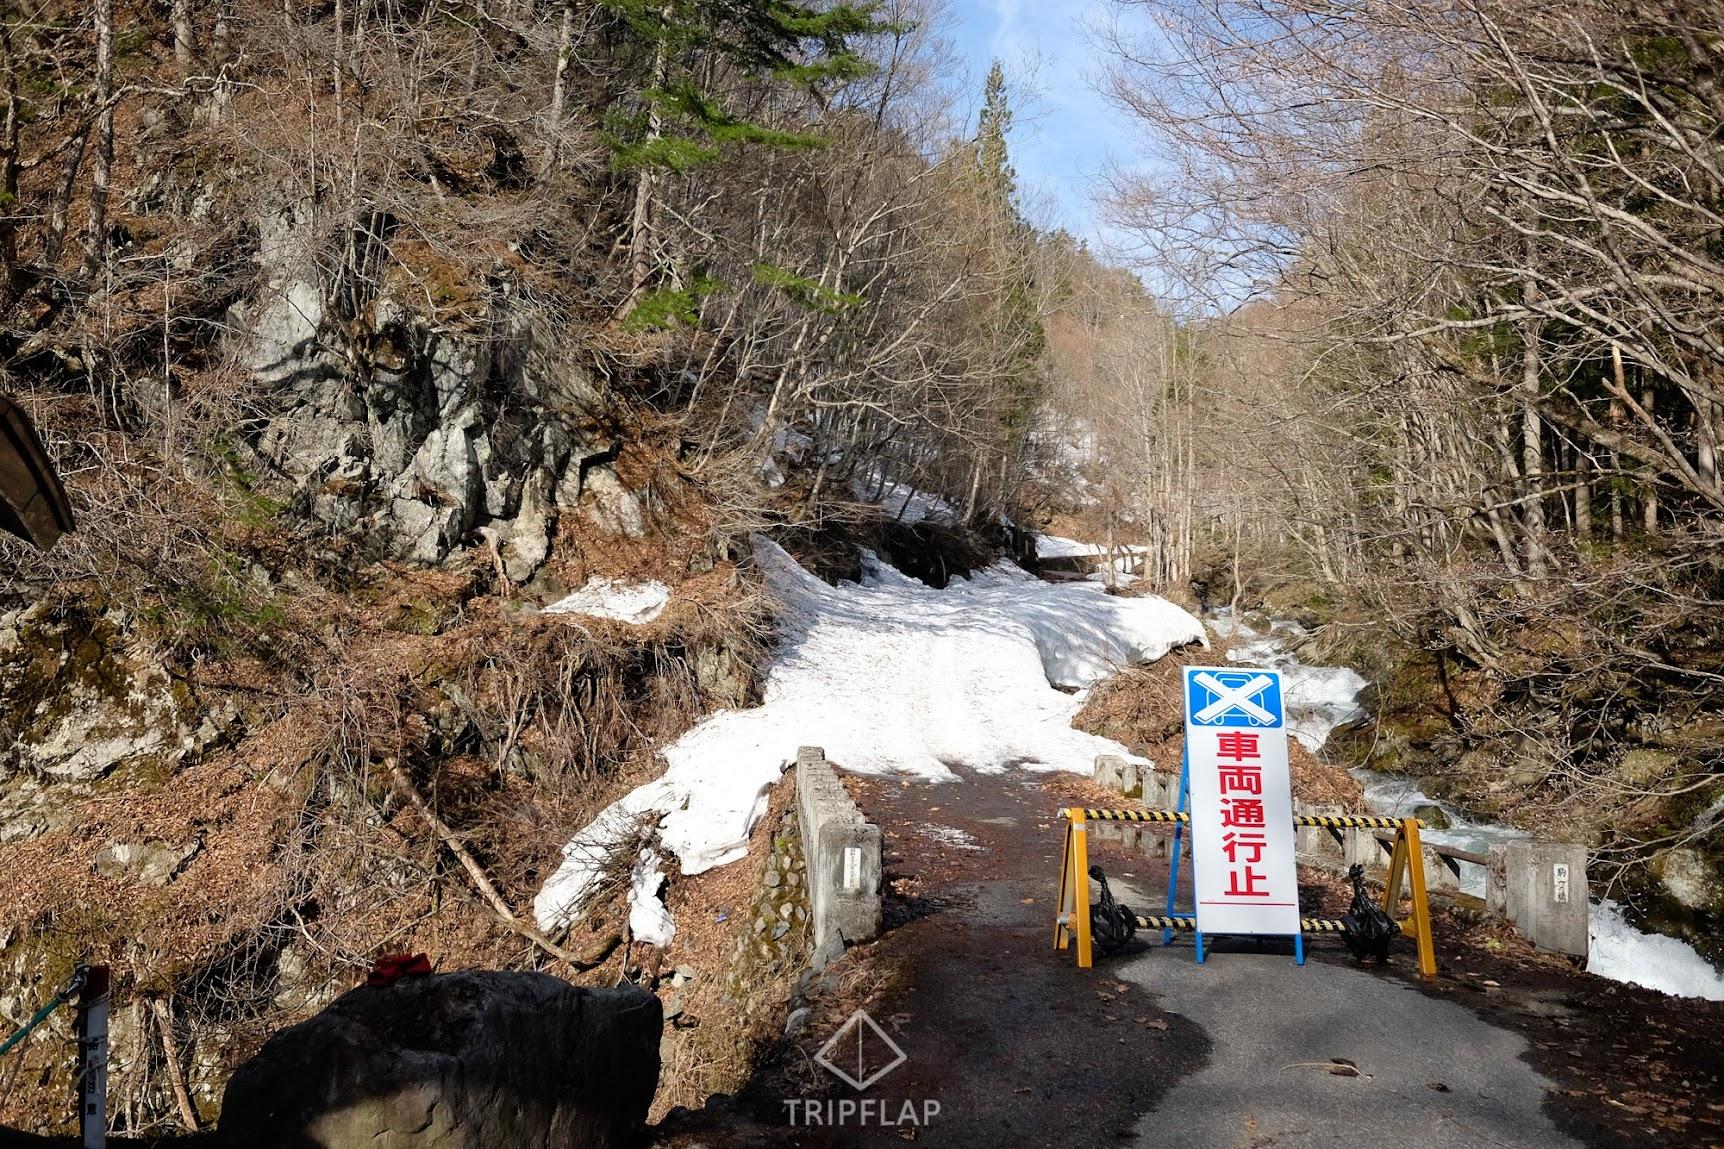 車両通行止めの立て看板があり、ここから先へは冬季は車で通行できない